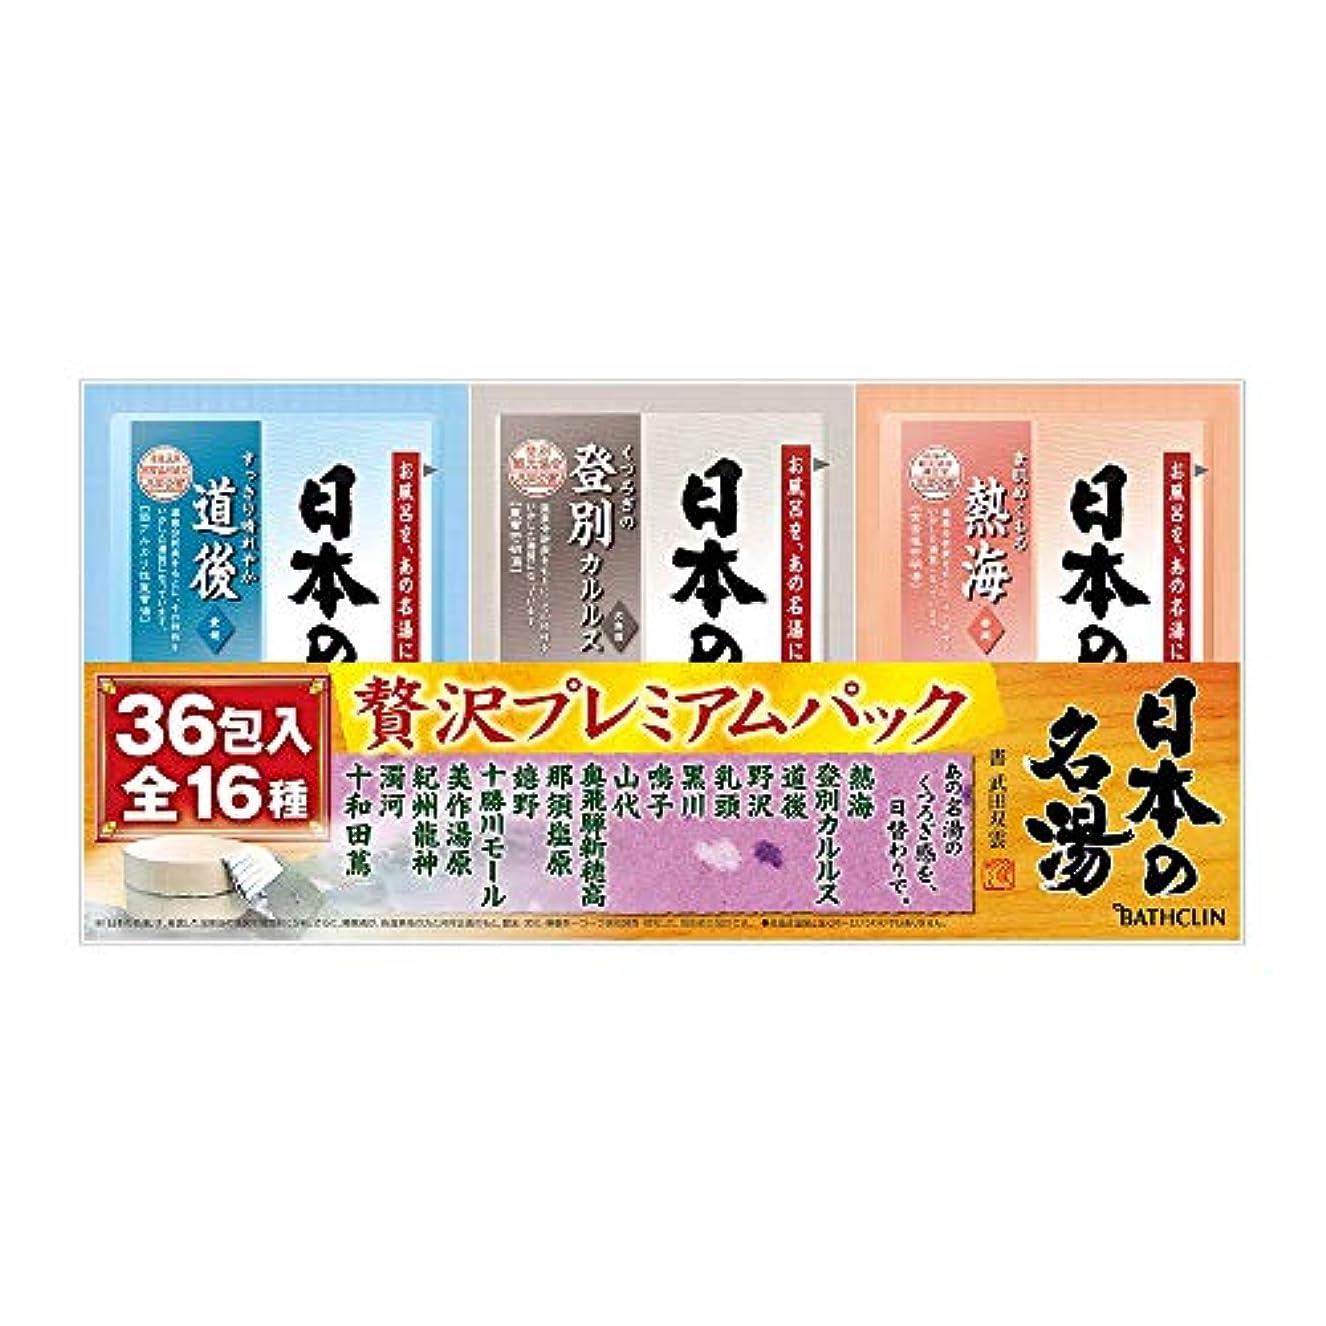 ヒロイン公使館スパーク【医薬部外品/大容量】日本の名湯入浴剤 贅沢プレミアムパック36包入 個包装 詰め合わせ 温泉タイプ